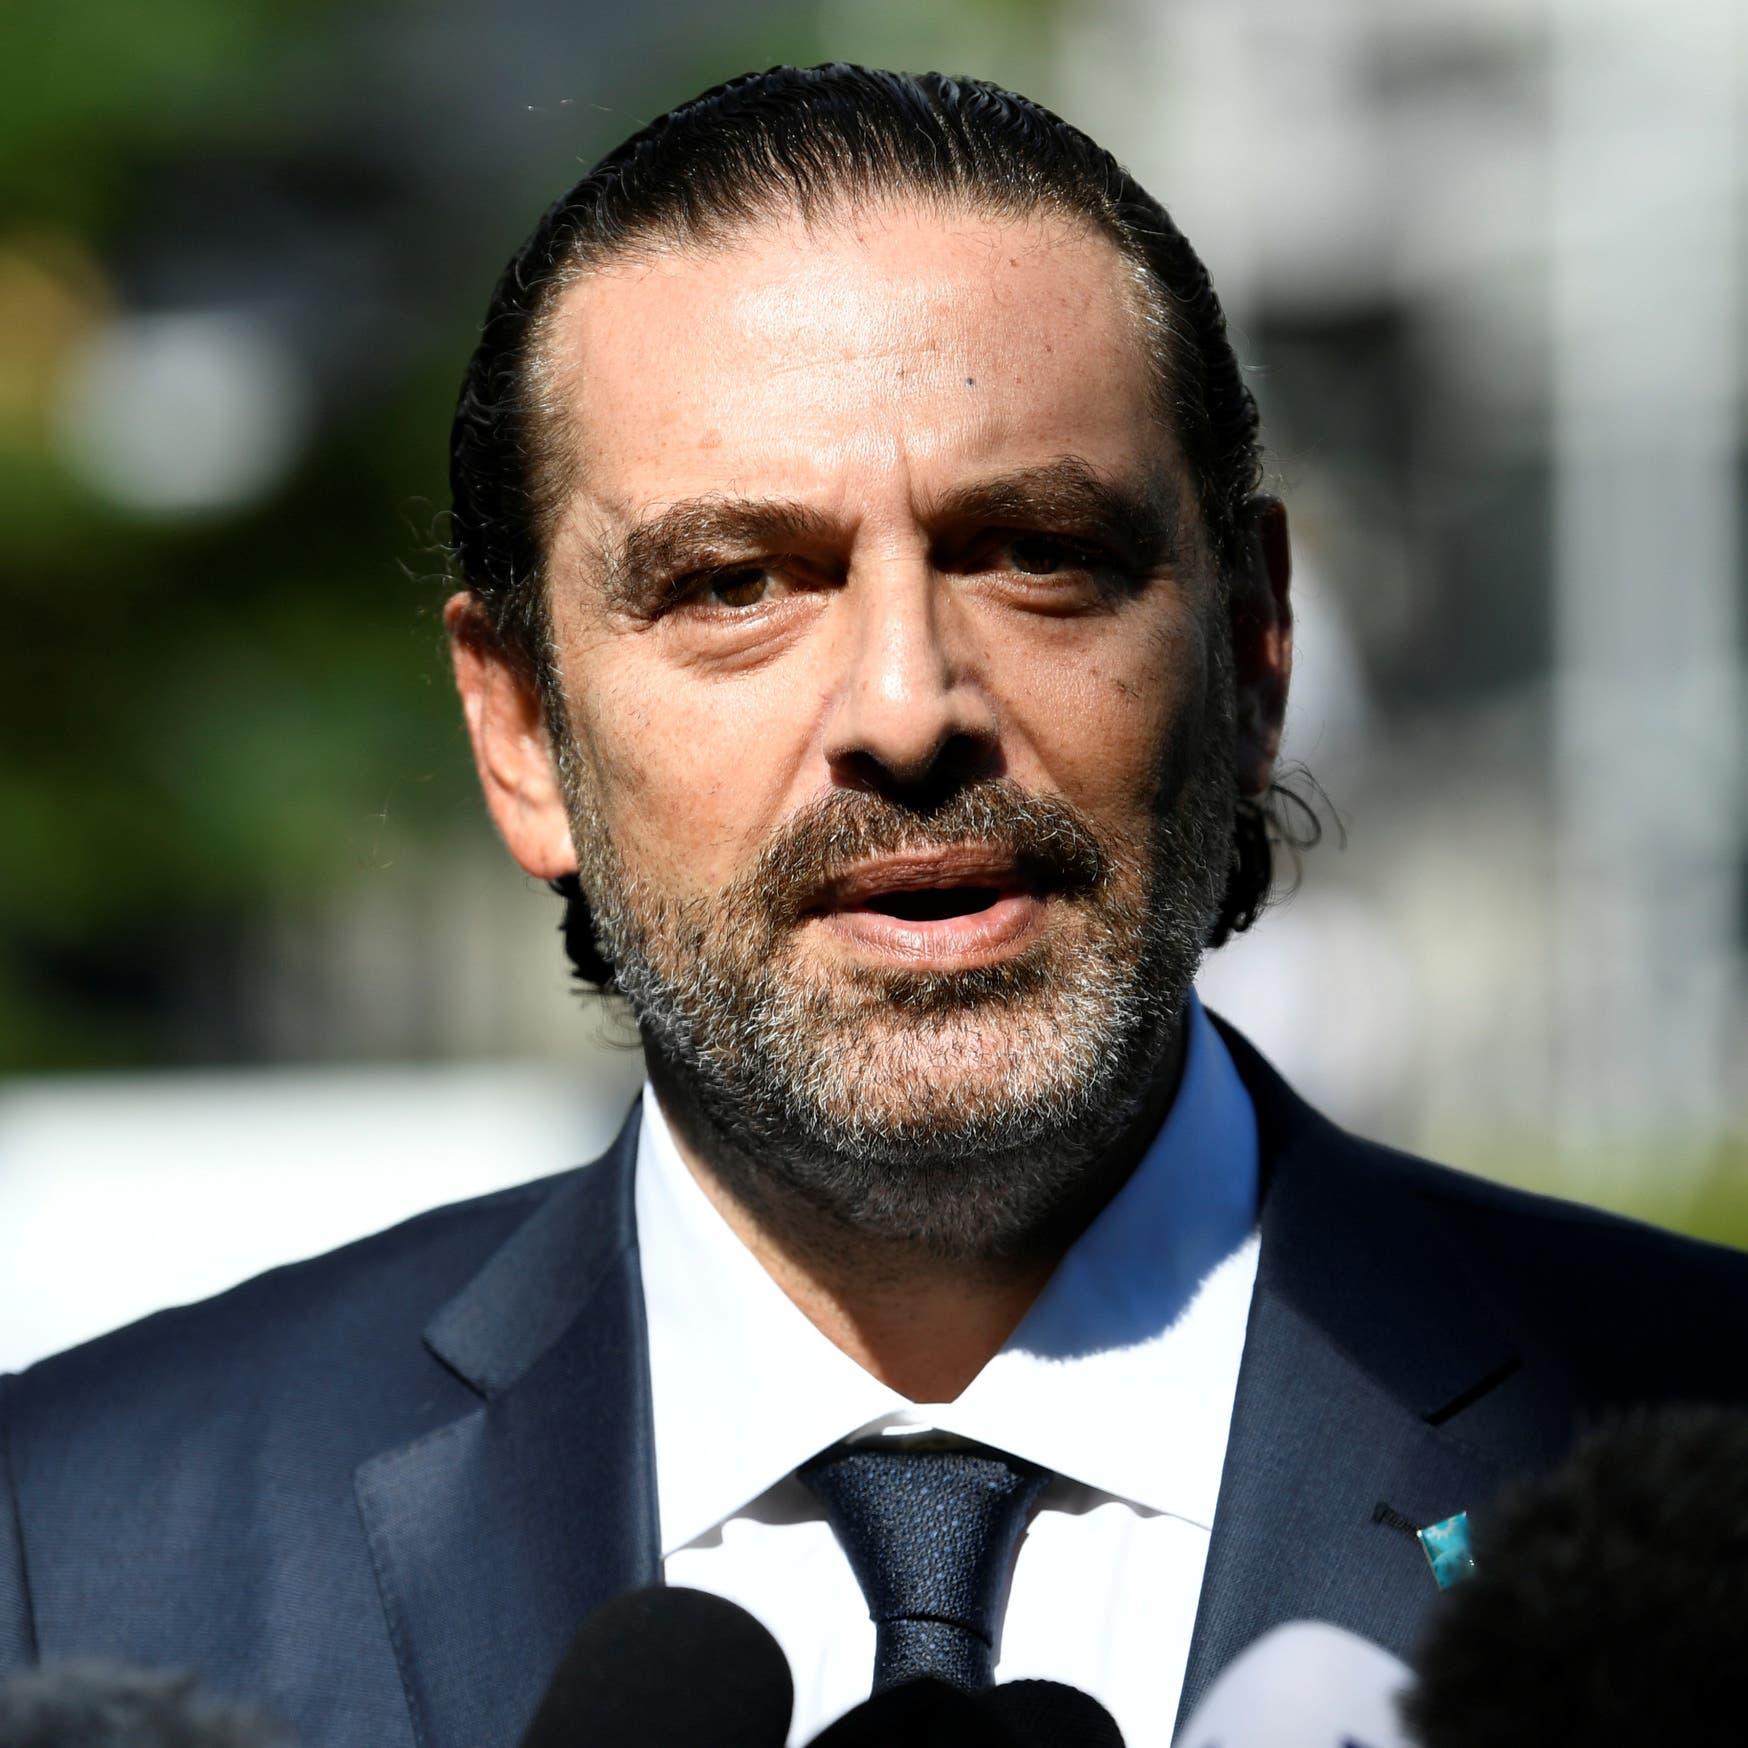 الحريري محذراً من انهيار سريع للبنان: سنتخذ قرارات صعبة